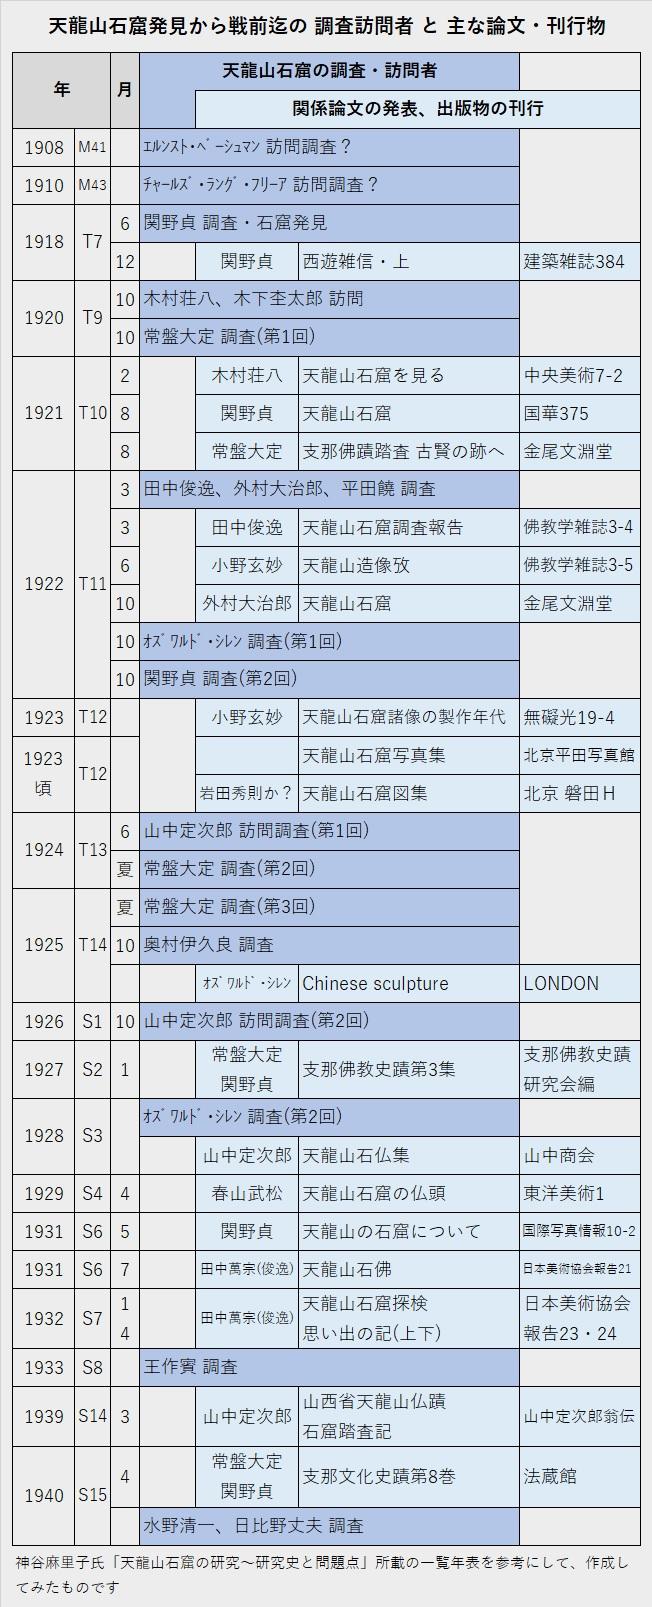 224天龍山石窟②:天龍山石窟発見からの訪問者・論文刊行物一覧